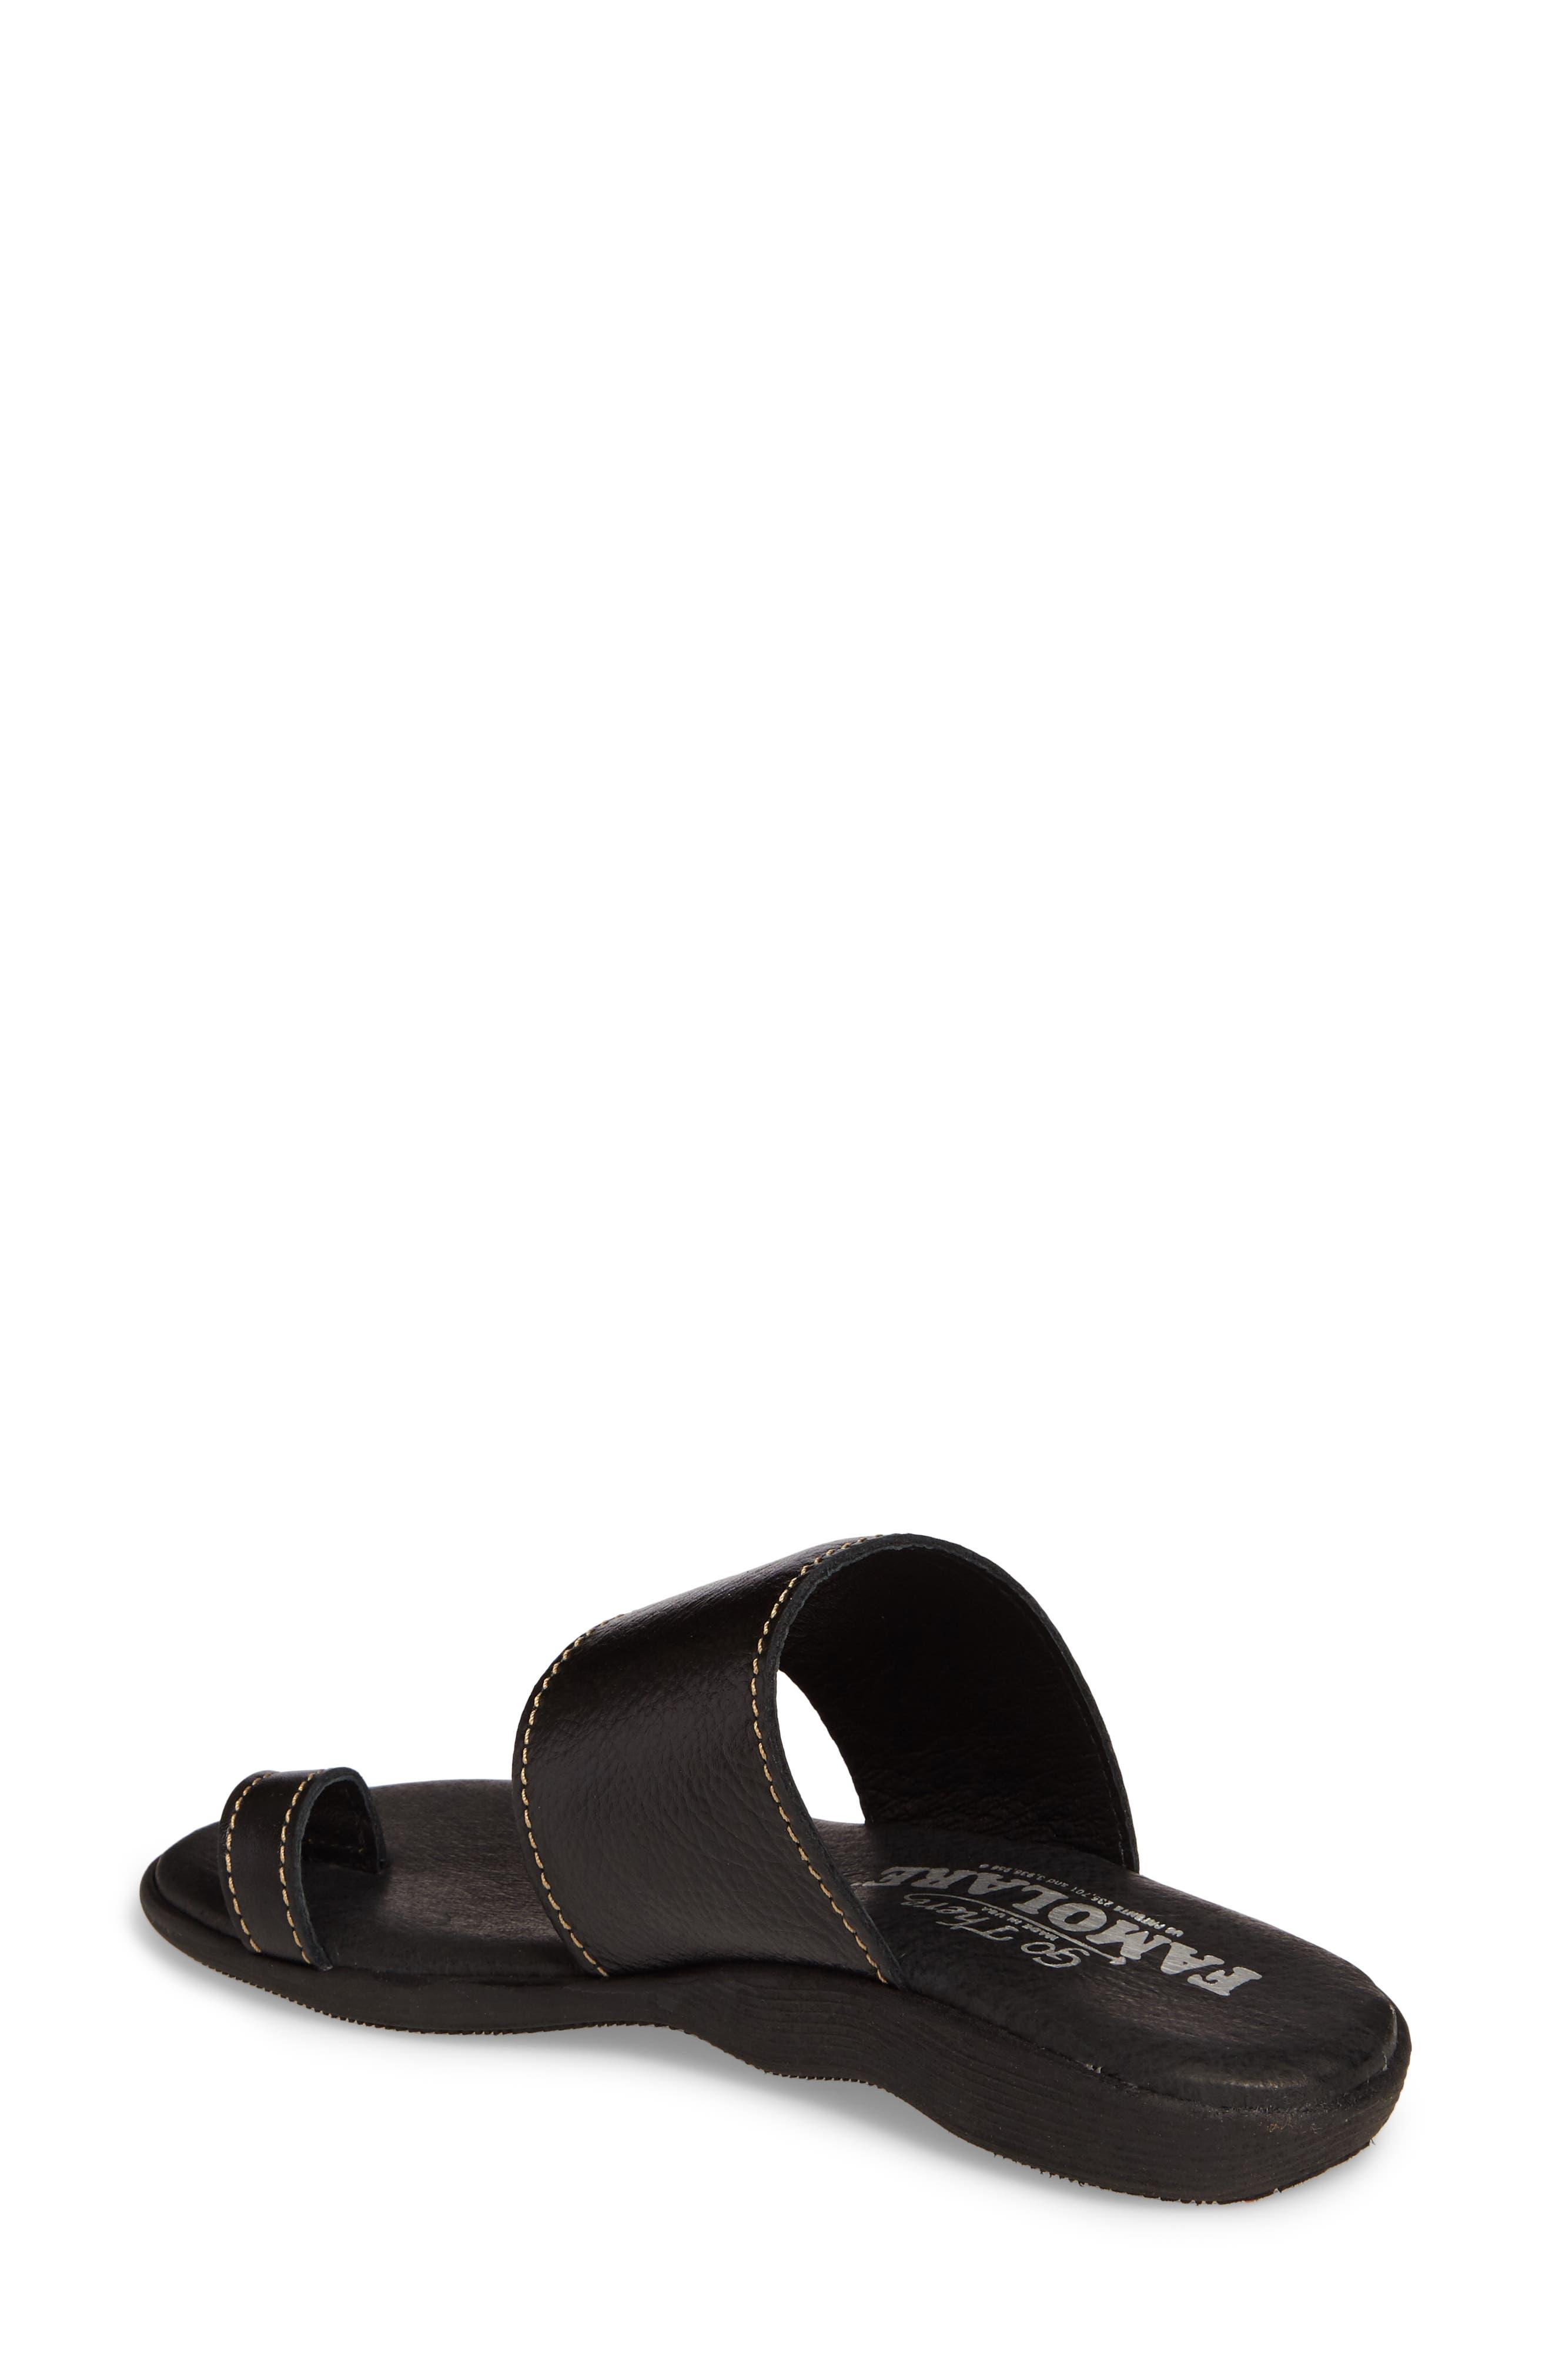 Band & Deliver Toe Loop Slide Sandal,                             Alternate thumbnail 2, color,                             Coal Leather